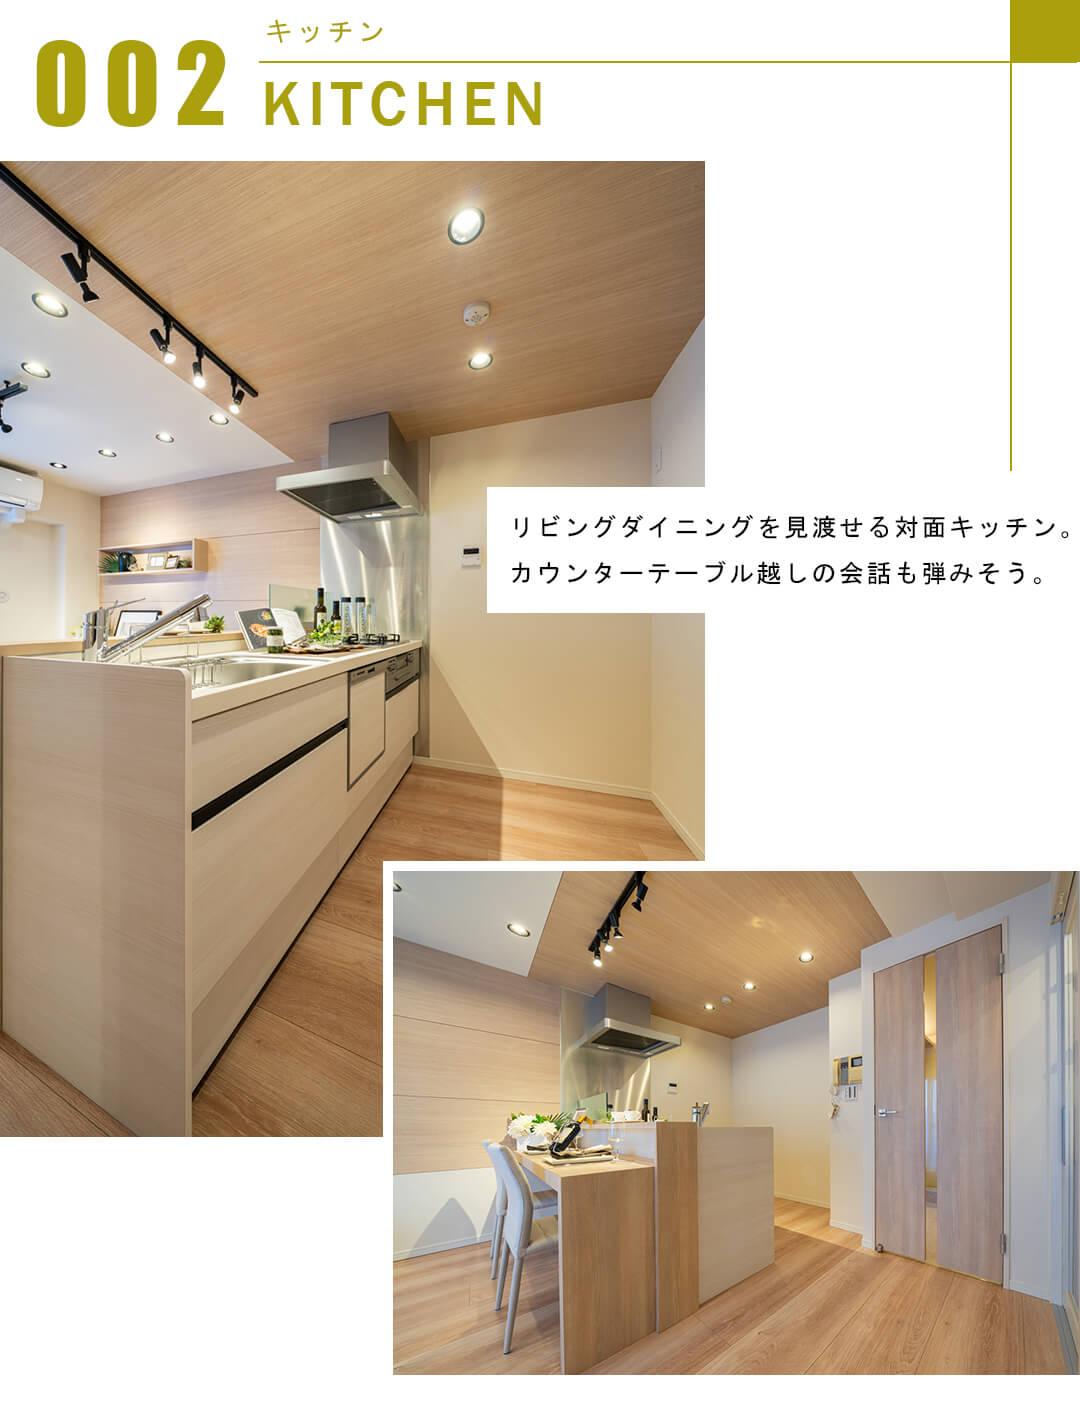 日神デュオステージ新宿中落合のキッチン